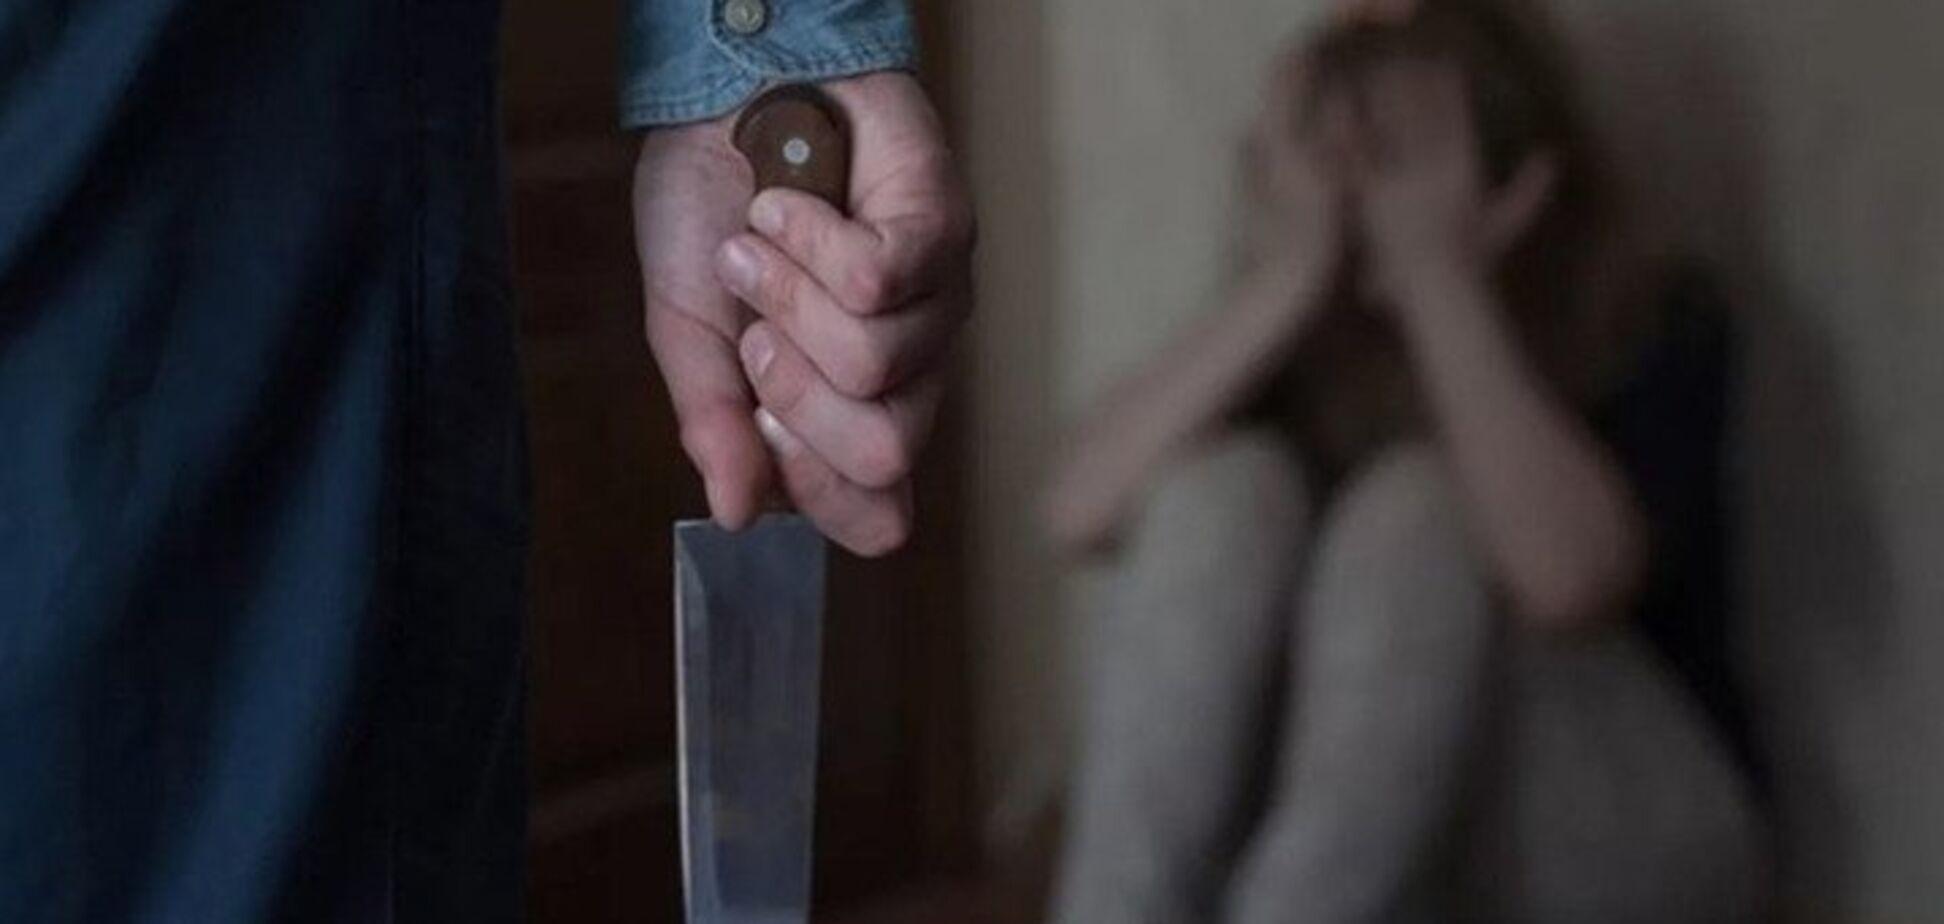 Кухонним ножем в шию: в Дніпрі чоловік по-звірячому вбив дружину